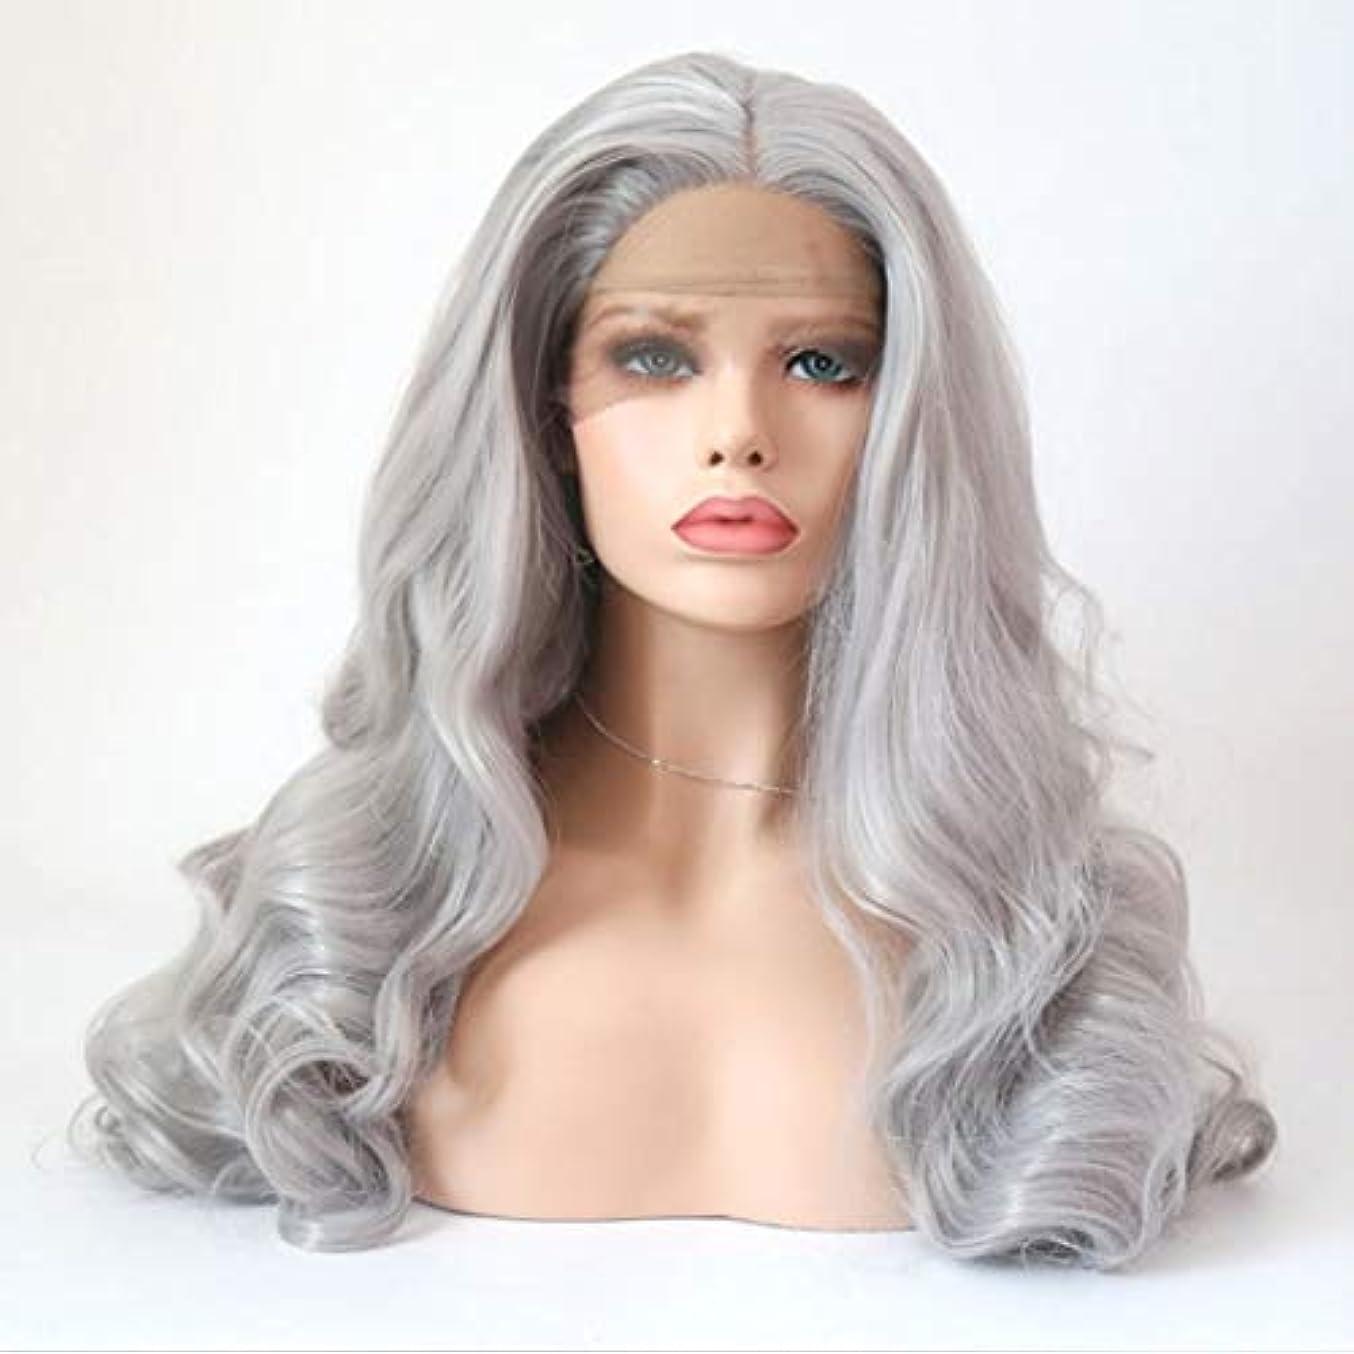 クレーター慈善偽装するKerwinner 女性のための長い巻き毛のかつら合成パーティーかつら耐熱繊維かつらとフルウィッグ